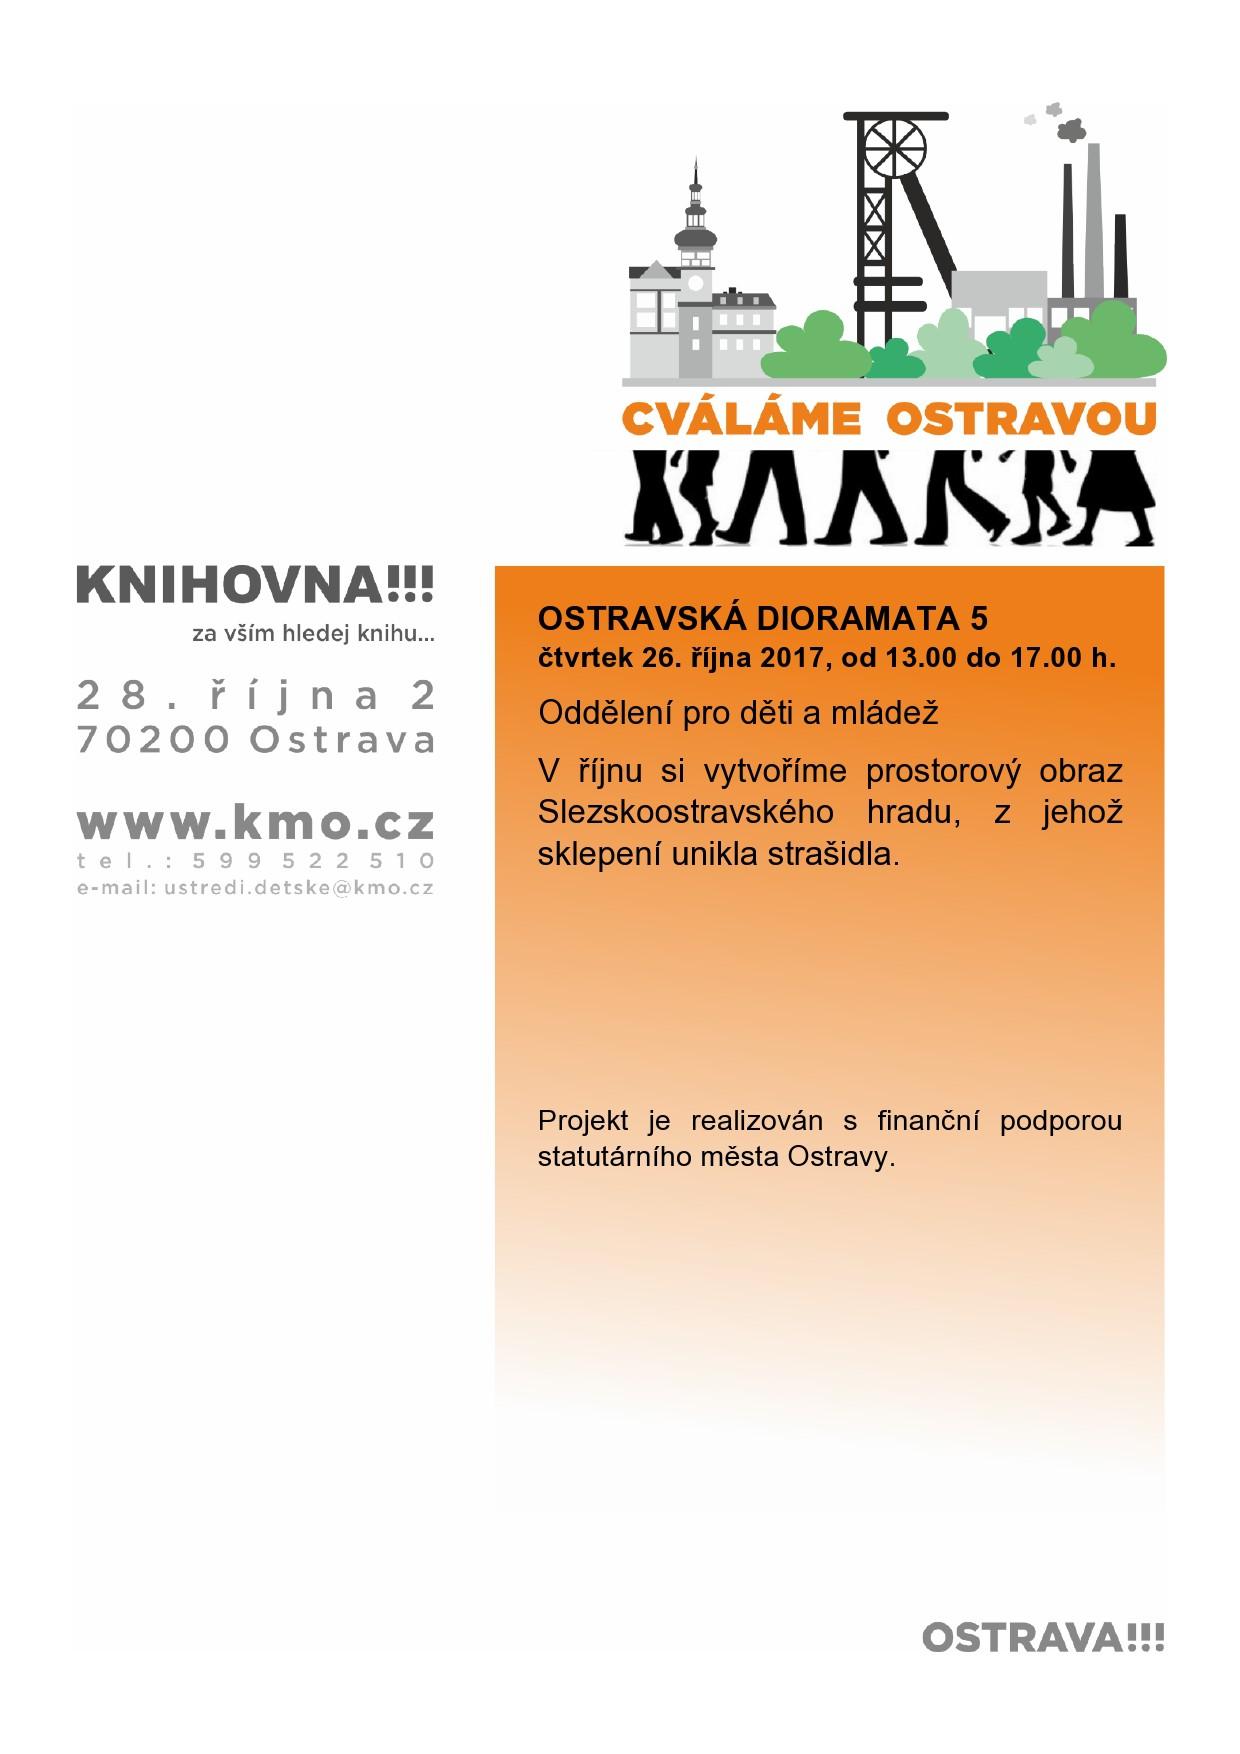 CVÁLÁME OSTRAVOU- DIORAMATA 5. Ve čtvrtek 26. října v 13.00 – 17.00 h. v čítárně oddělení pro děti a mládež KMO. Vytvořte si s námi prostorový obraz Slezskoostravského hradu, z jehož sklepení unikla strašidla.